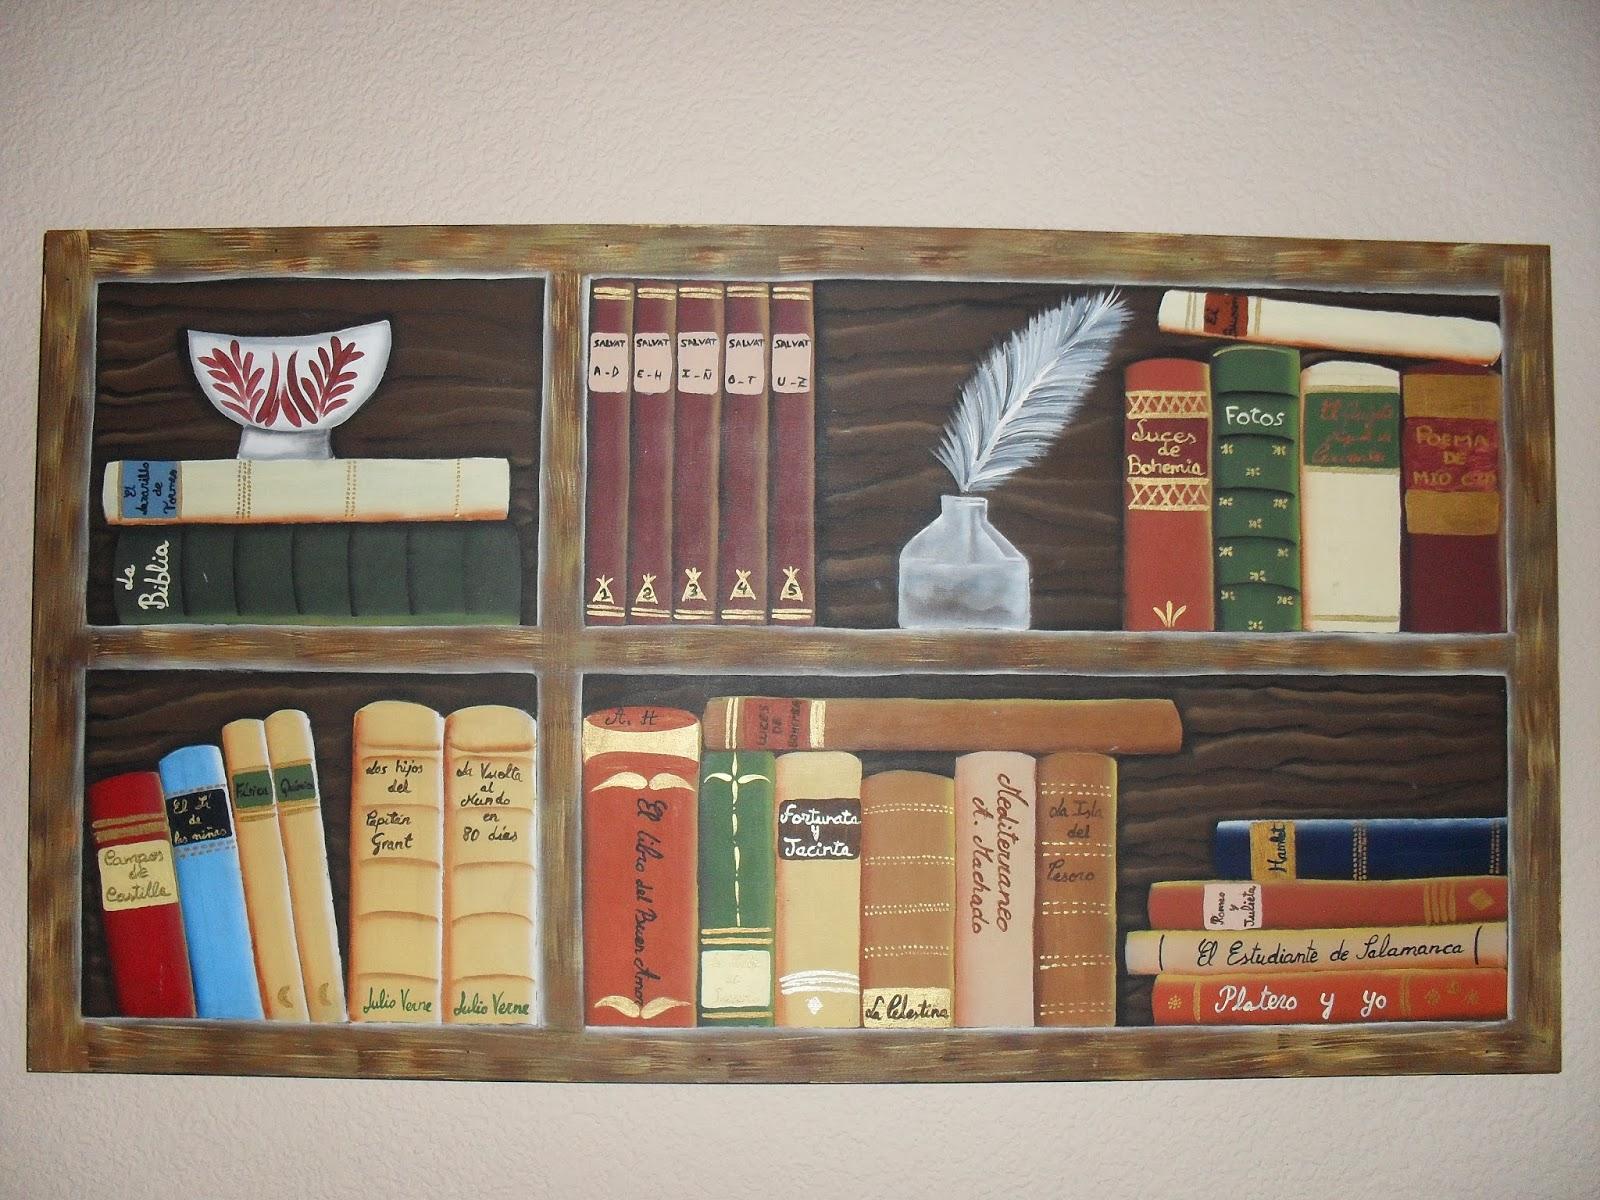 Cuadro con libros